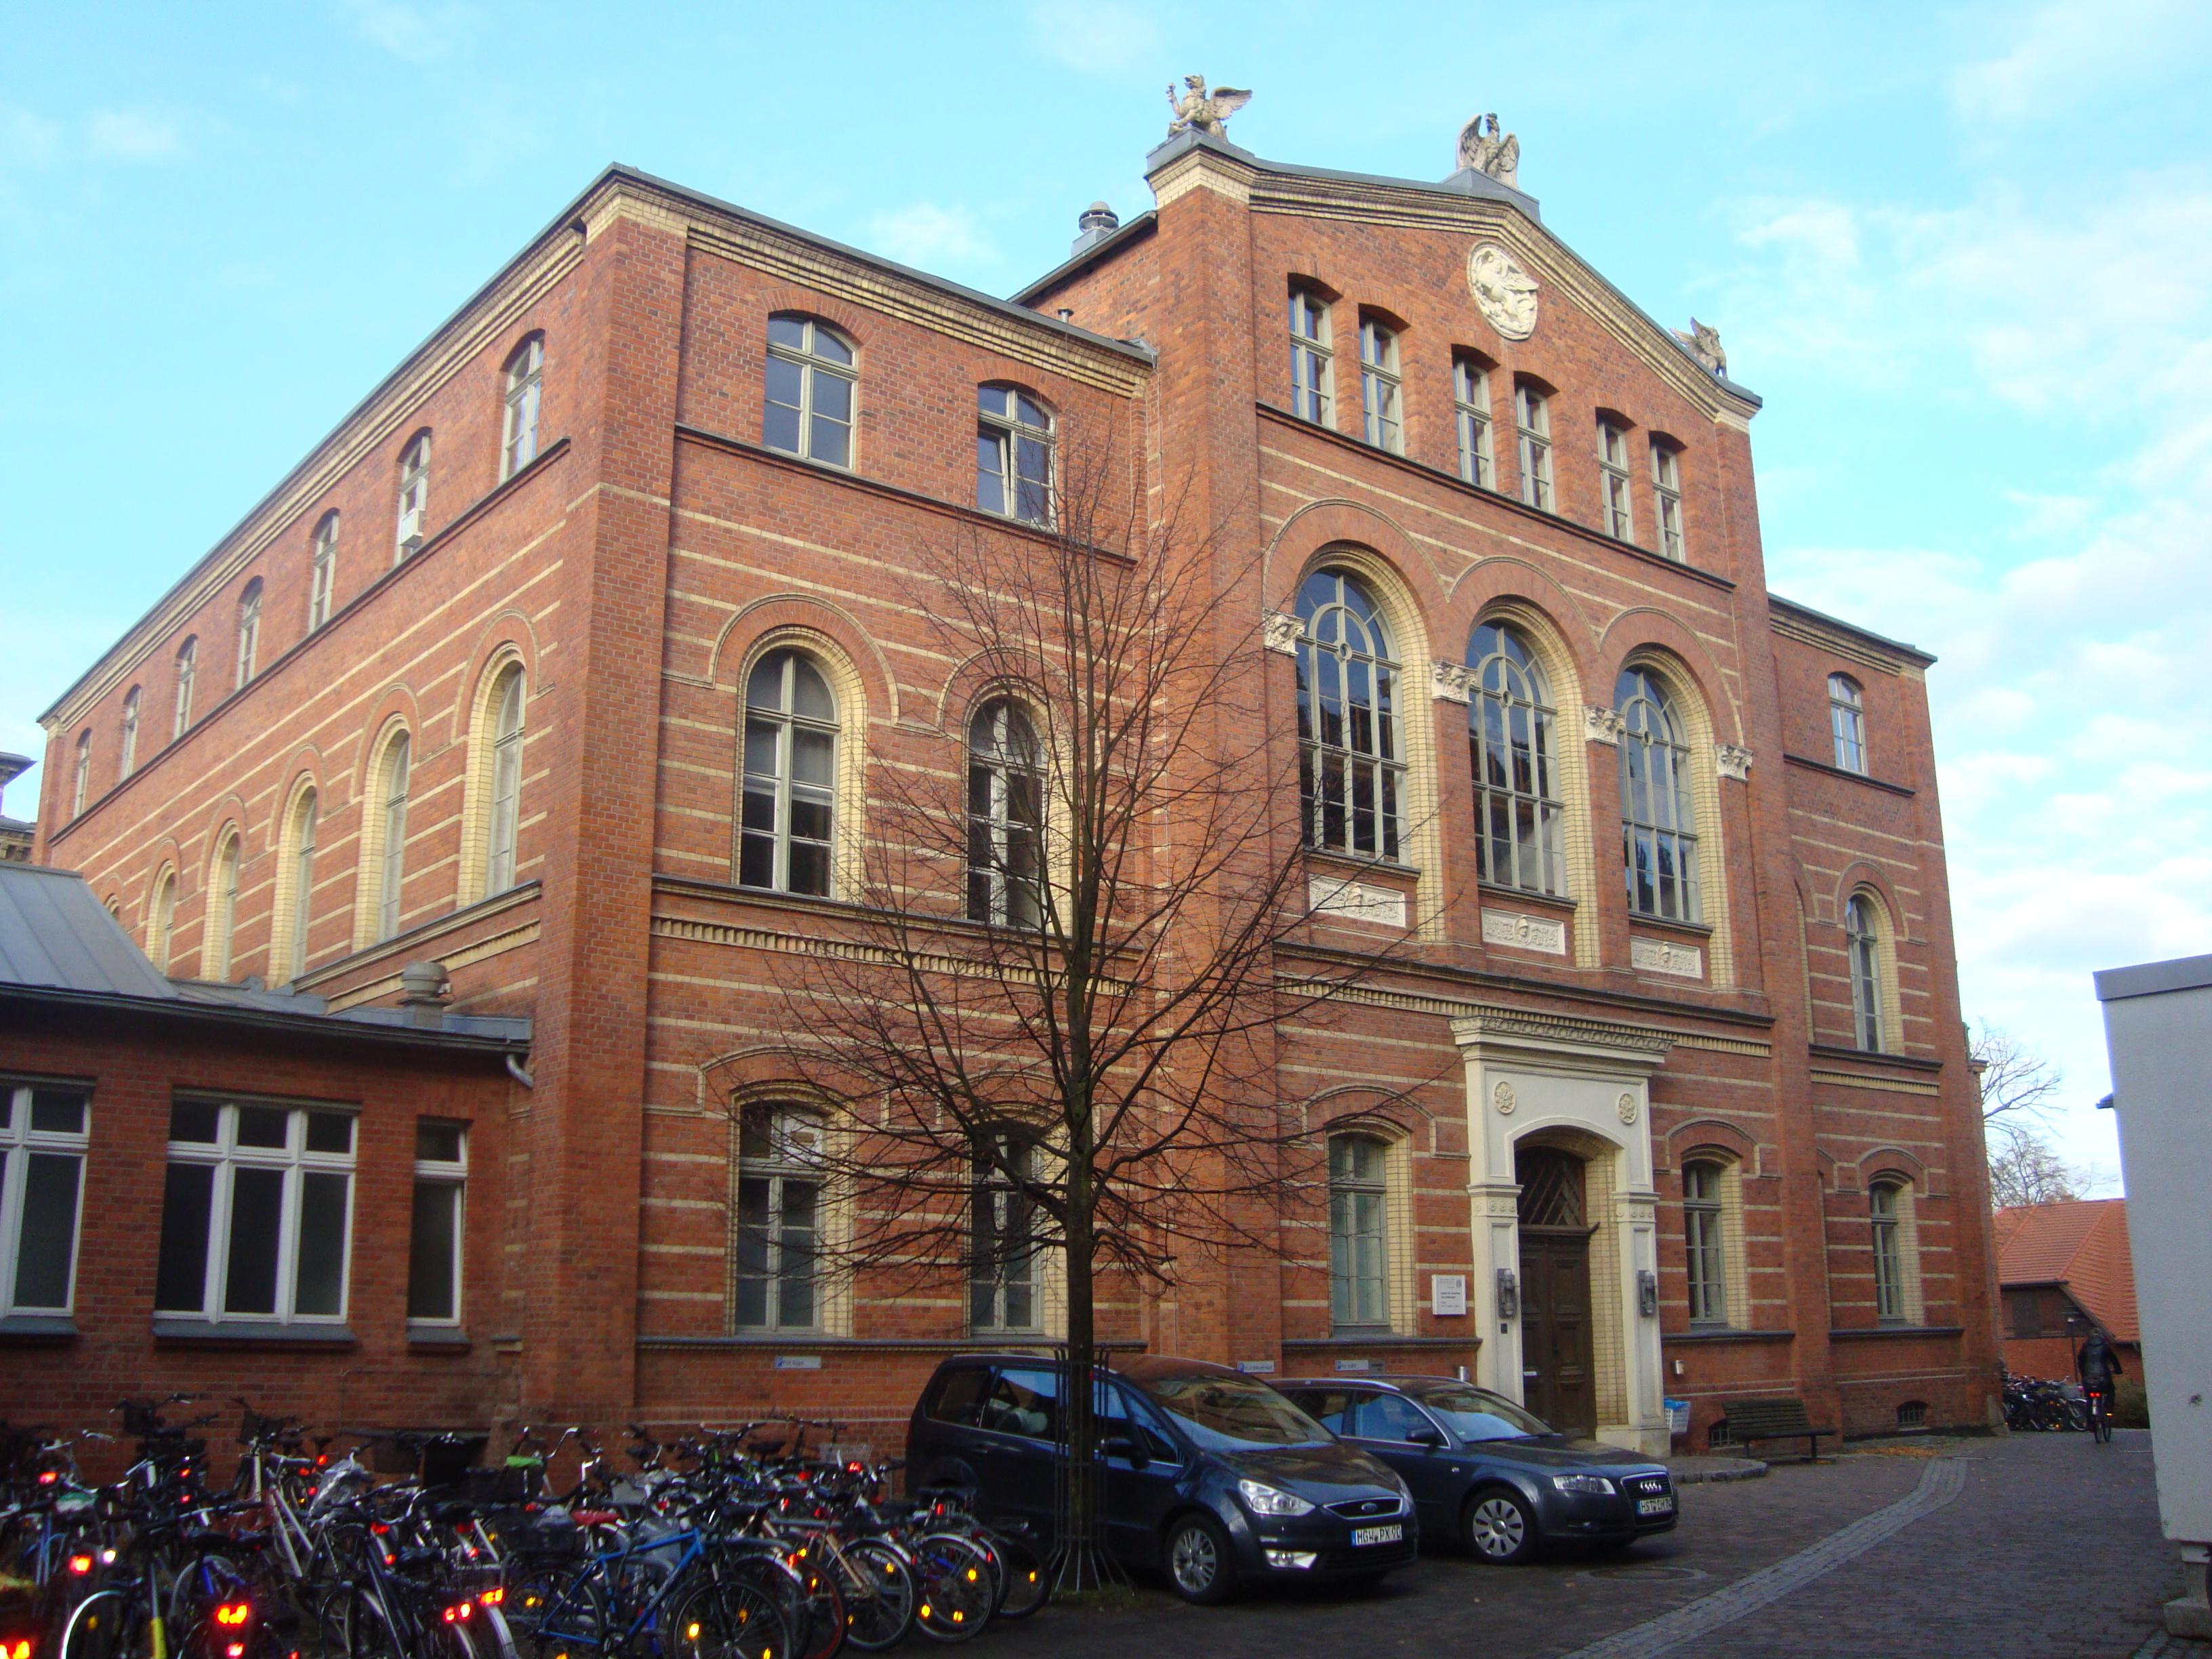 File:Greifswald Friedrich-Loeffler-Straße 23c.JPG - Wikimedia Commons